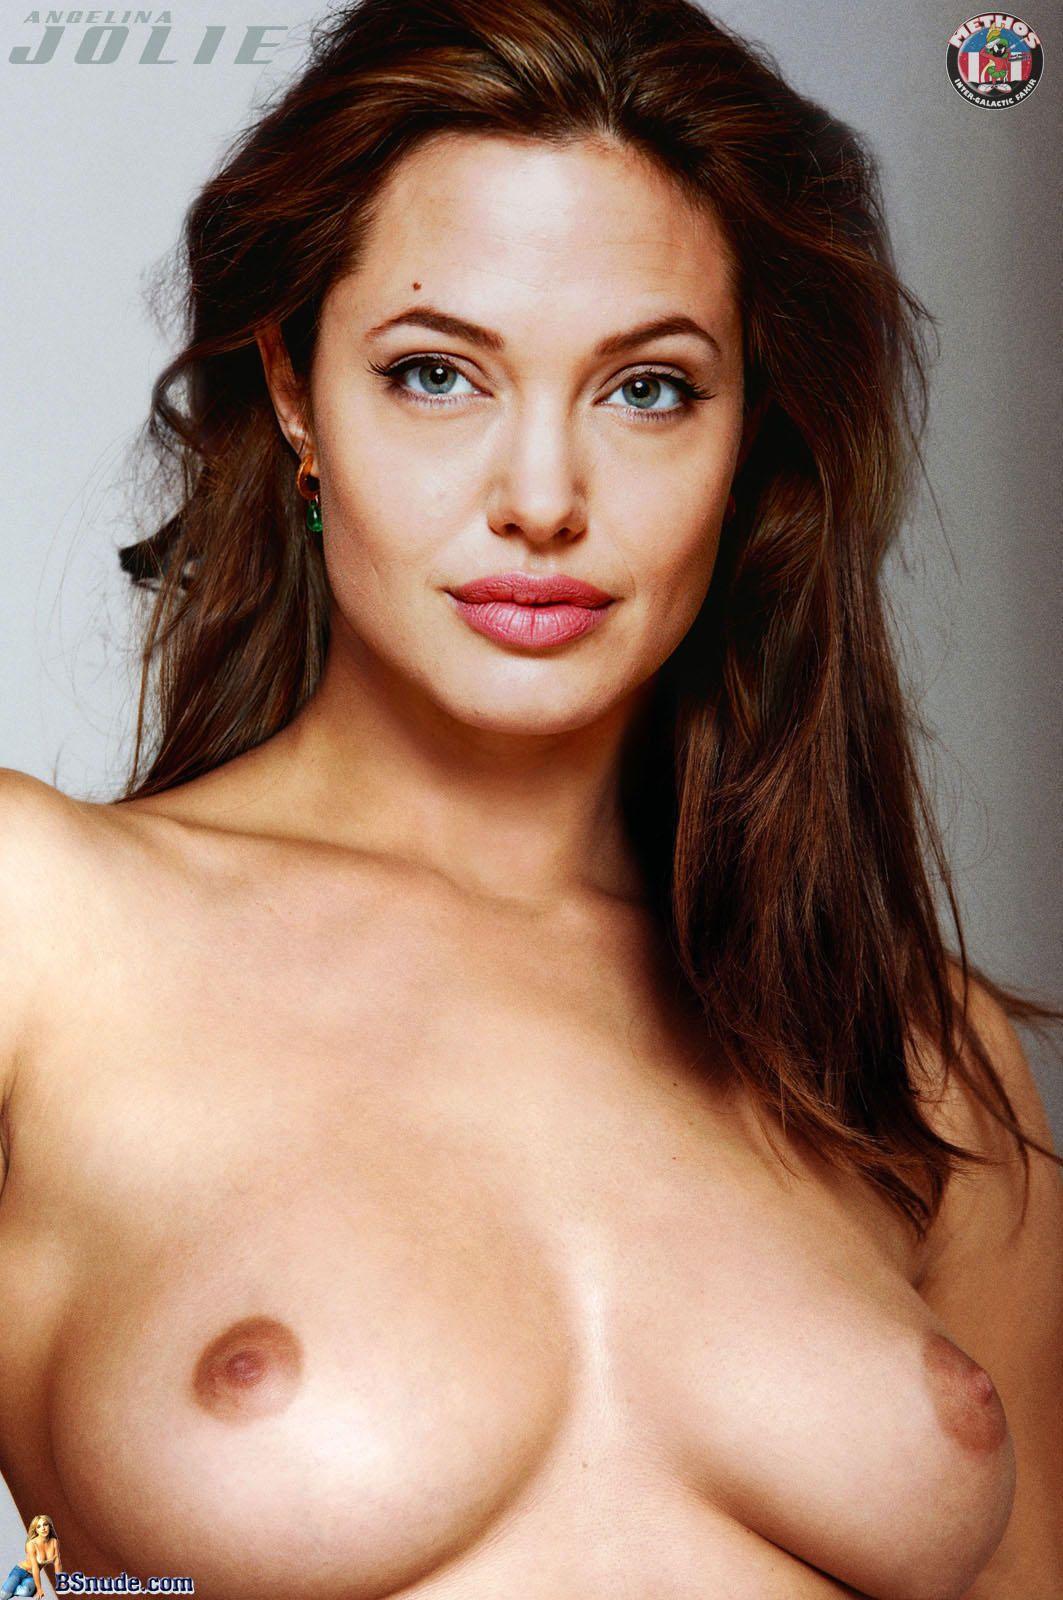 picz.ge - kép megtekintése angelina-jolie-nude-bollywood